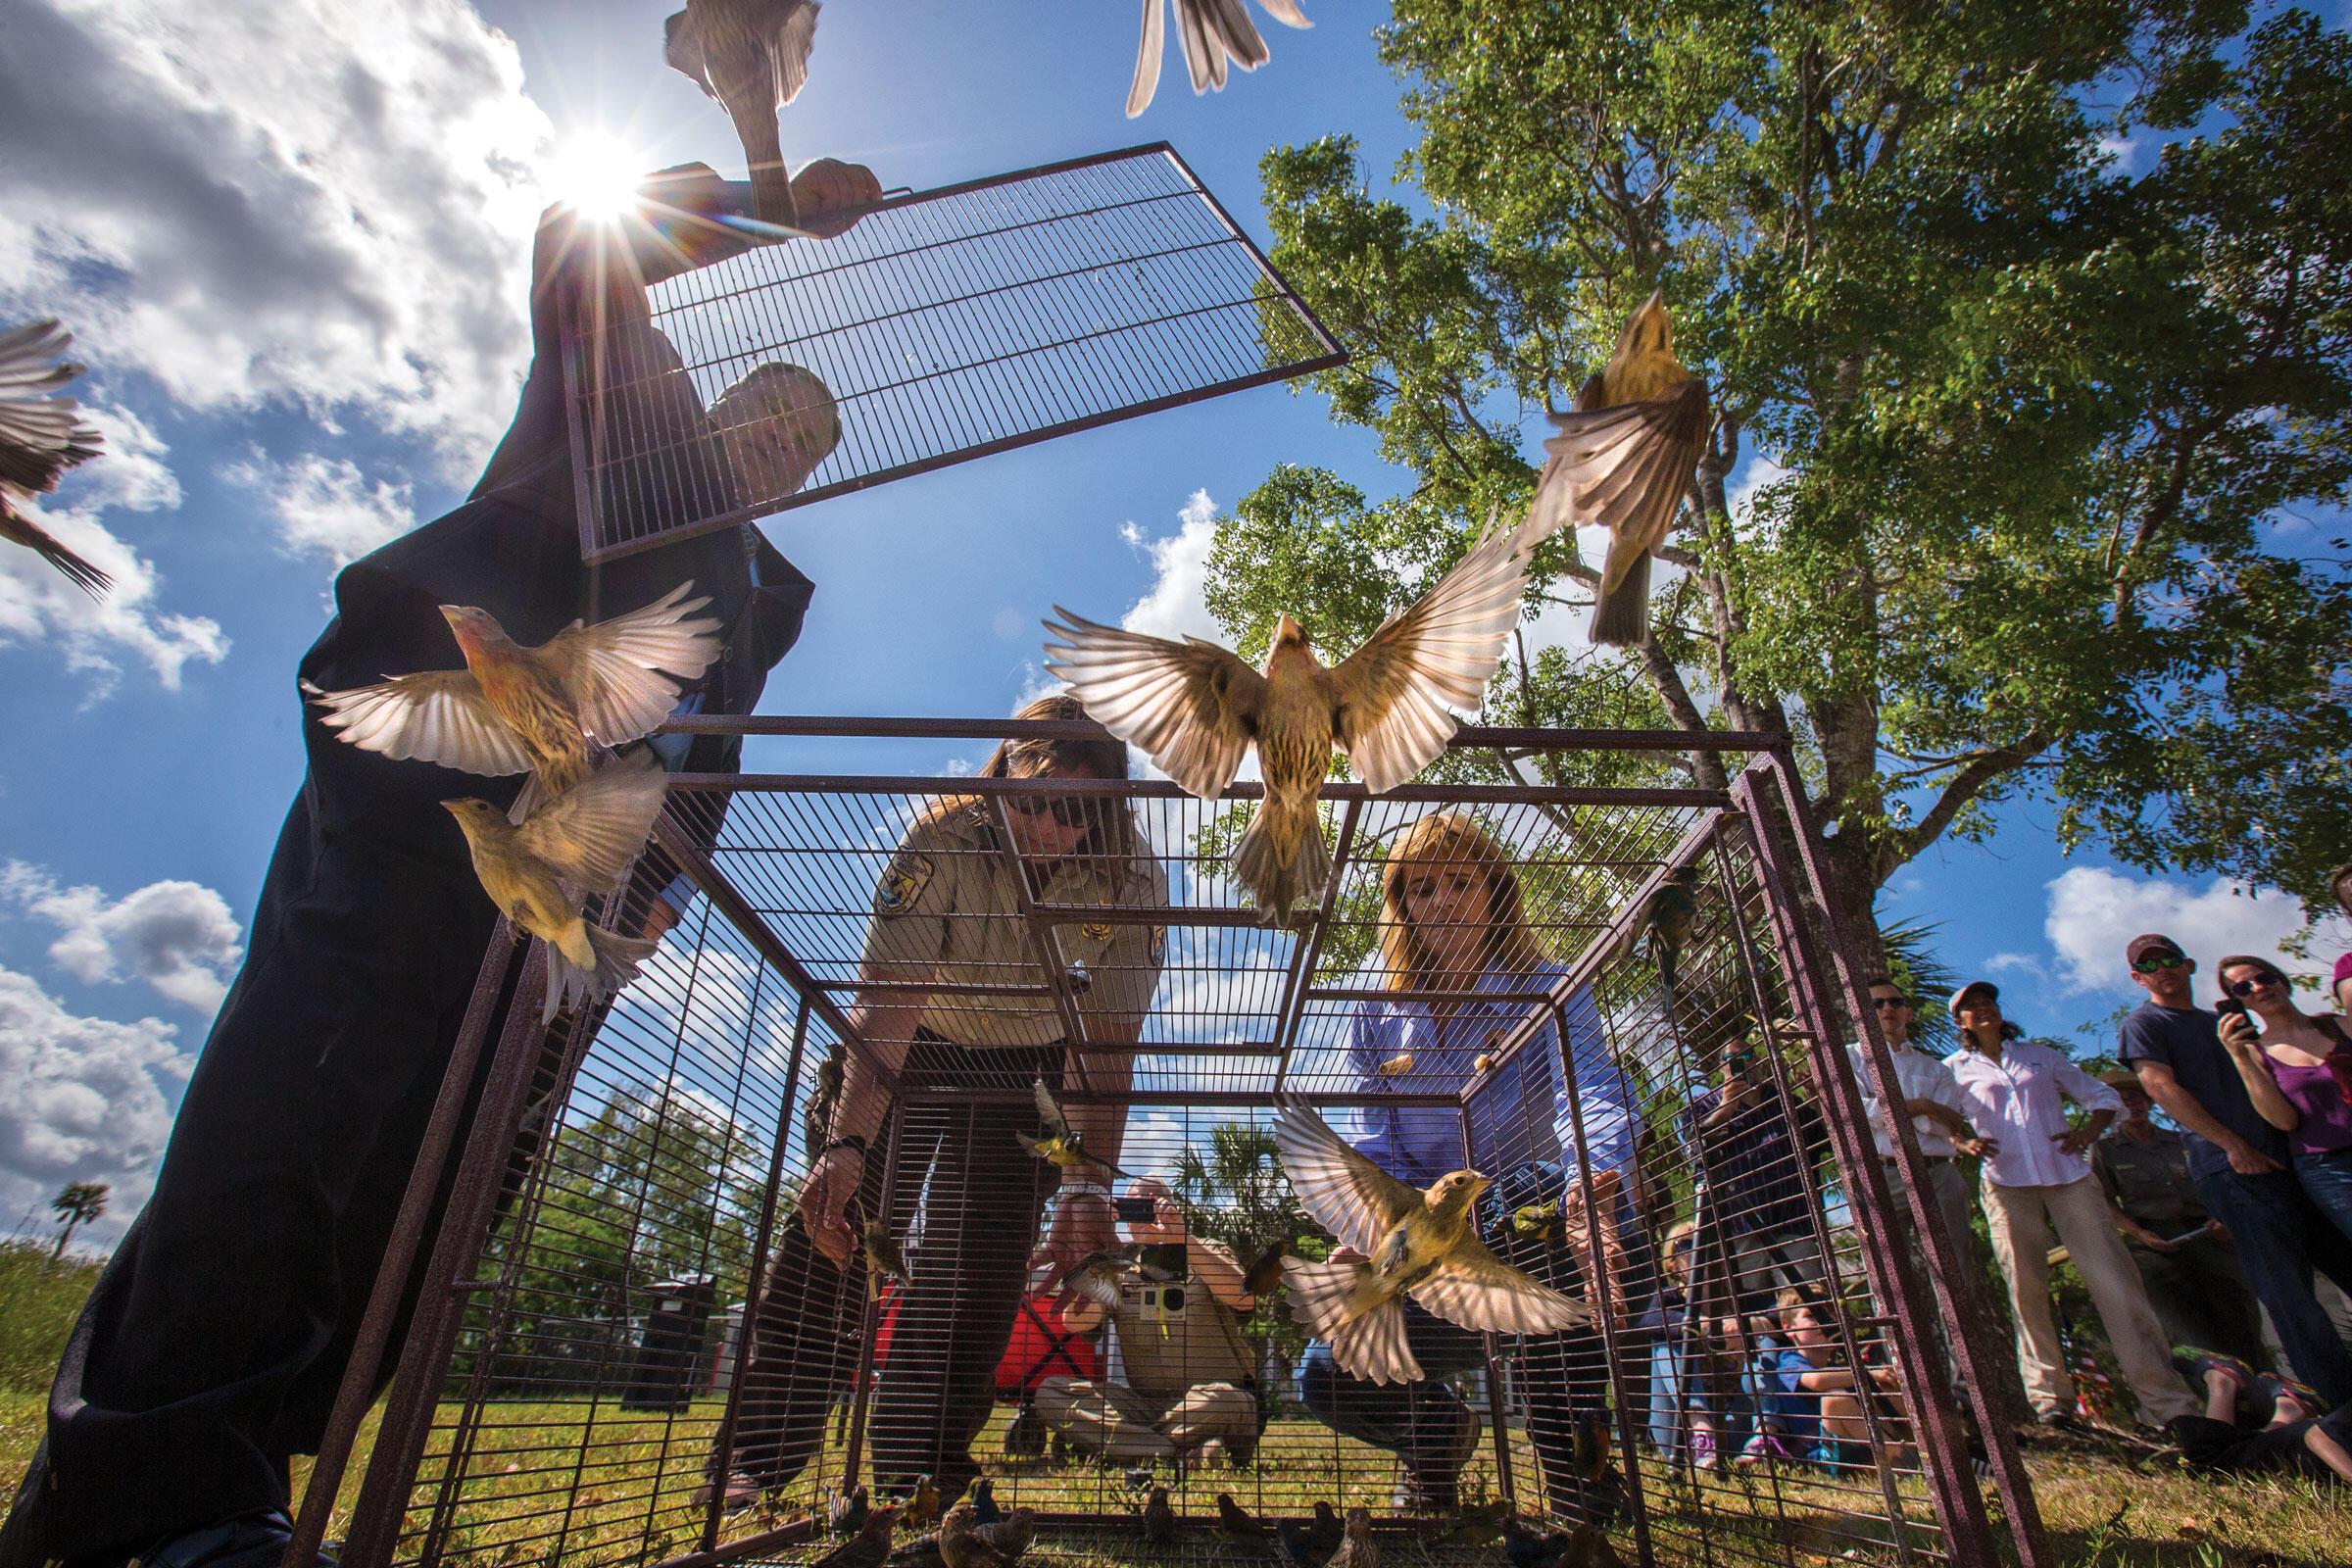 En un evento de prensa en abril, las autoridades liberaron aproximadamente 130 aves capturadas de traficantes, que se consideraron lo suficientemente saludables como para sobrevivir en hábitats naturales.